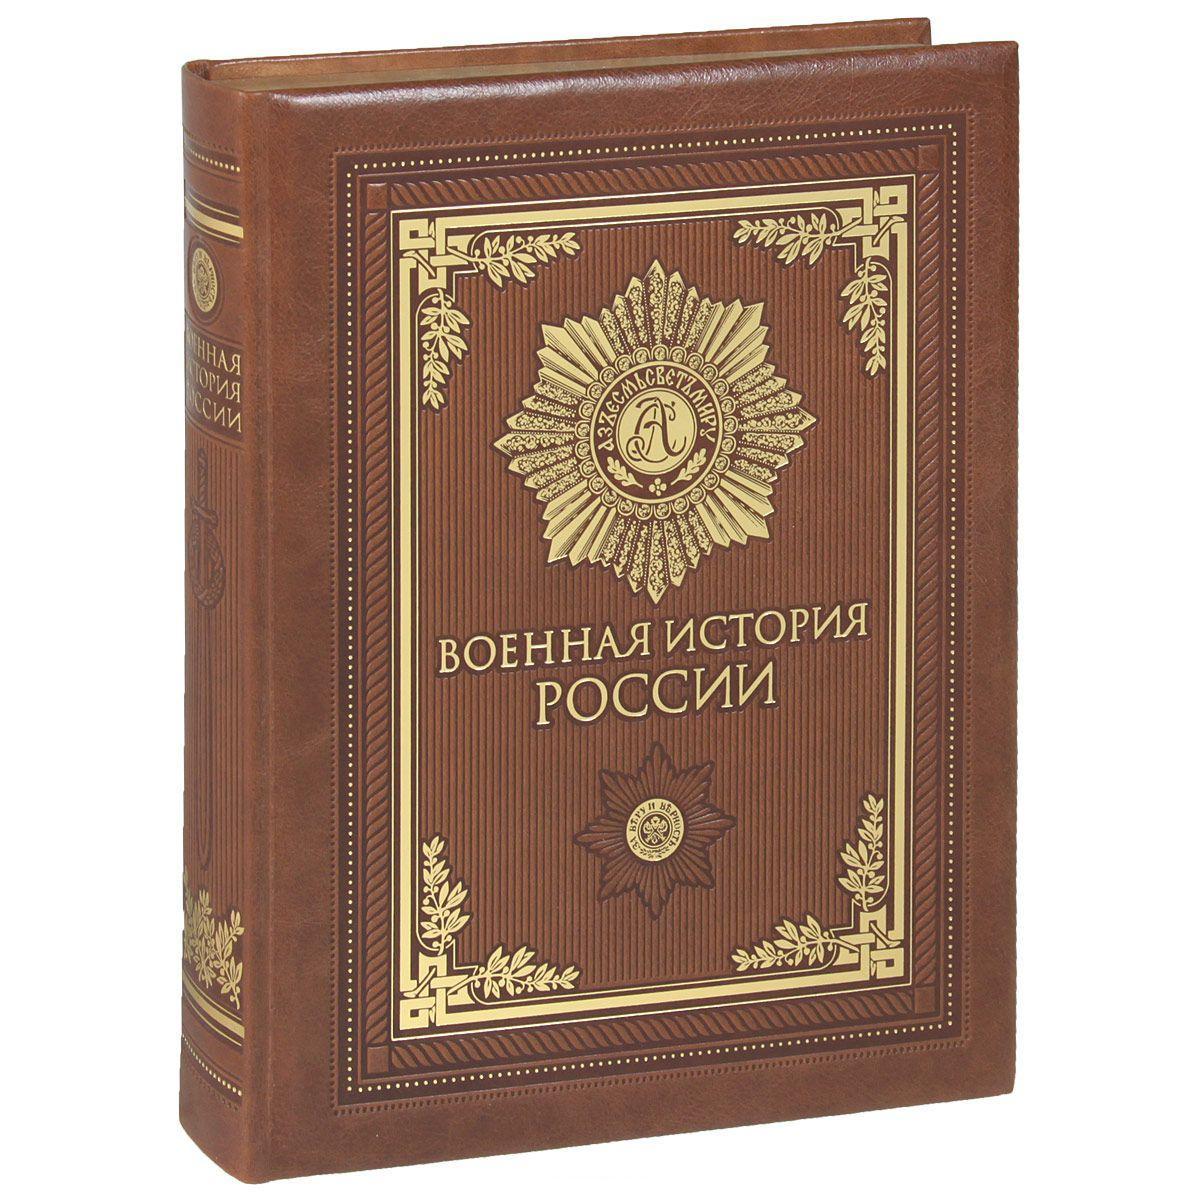 Военная история России (книга+футляр) от book24.ru